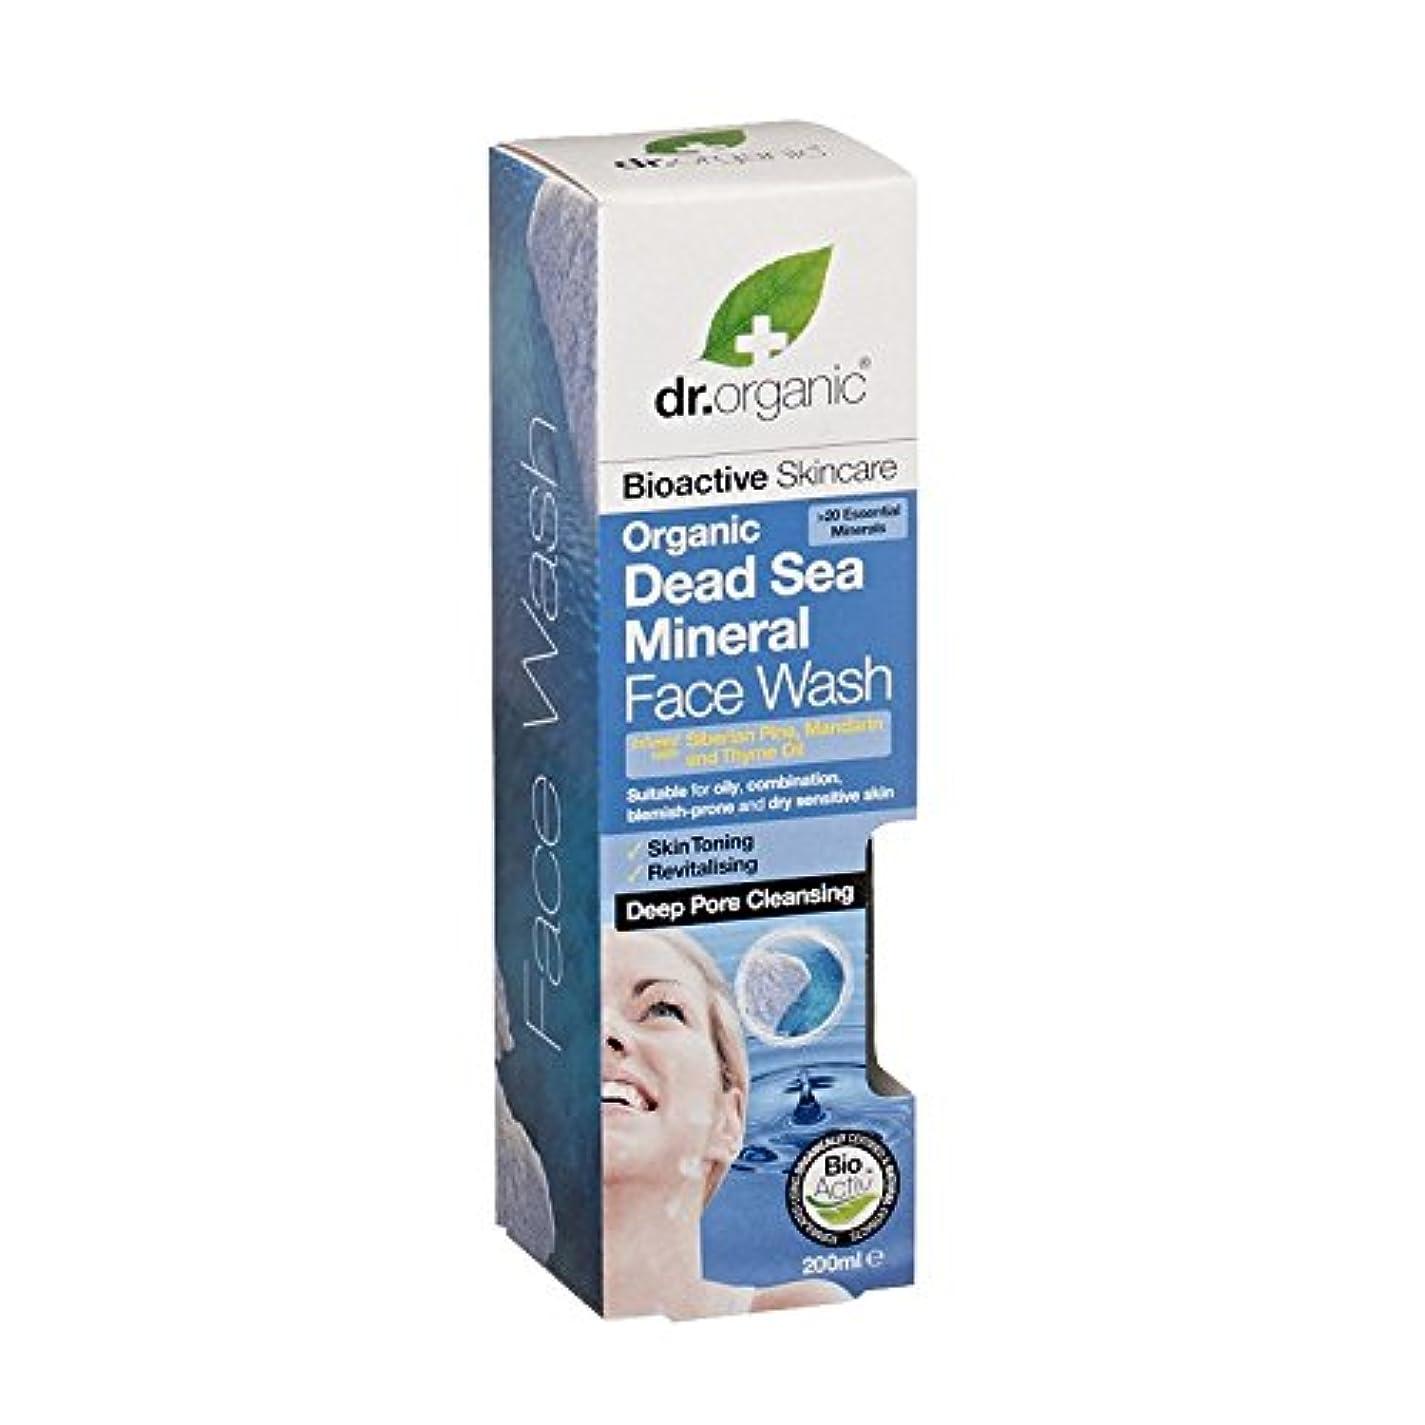 キャッチ耐えるアグネスグレイDr有機死海のミネラル洗顔 - Dr Organic Dead Sea Mineral Face Wash (Dr Organic) [並行輸入品]